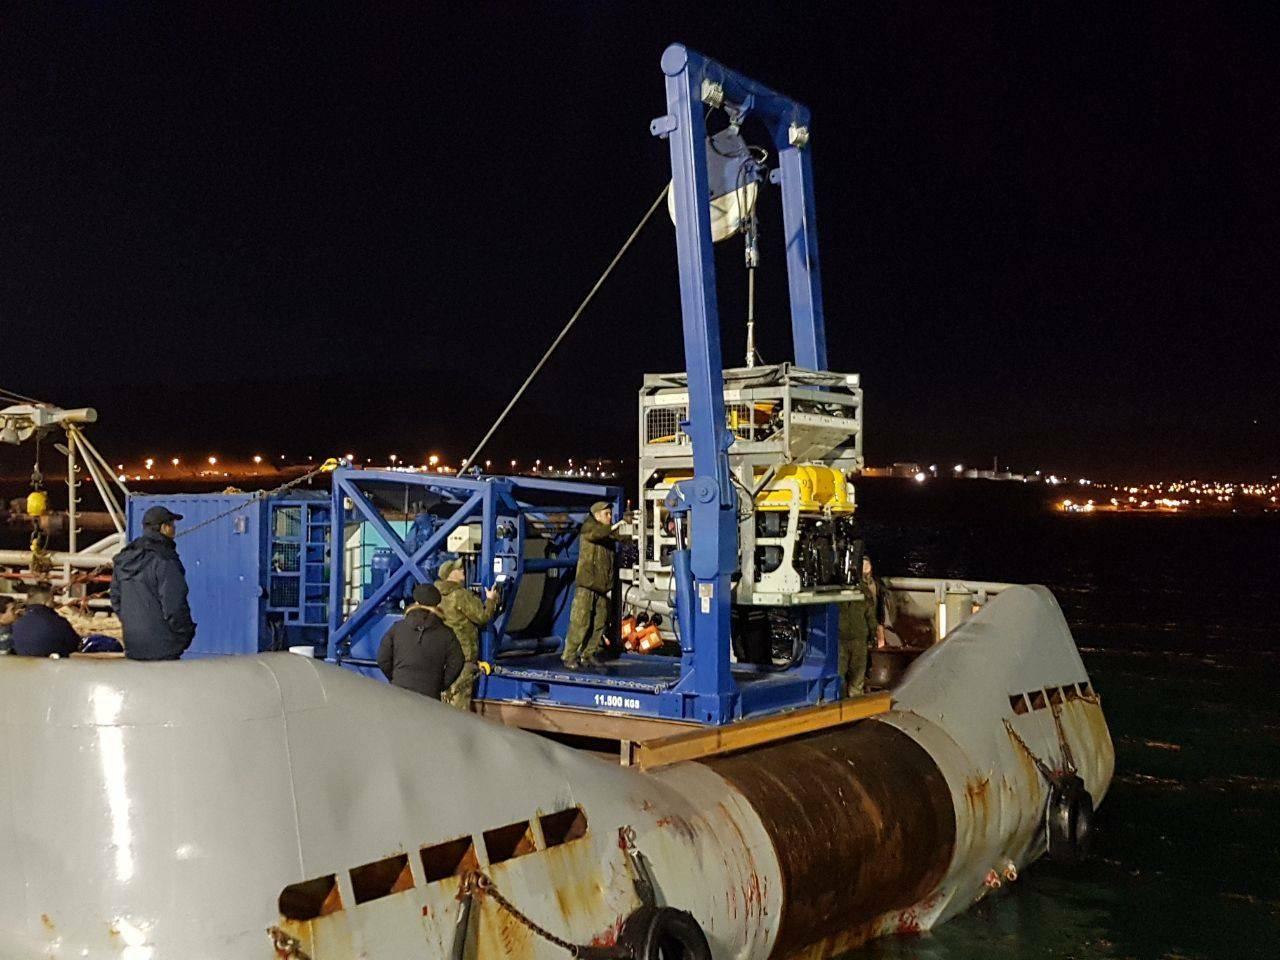 Некачественные аккумуляторы могли стать предпосылкой смерти аргентинской подводной лодки «Сан Хуан»